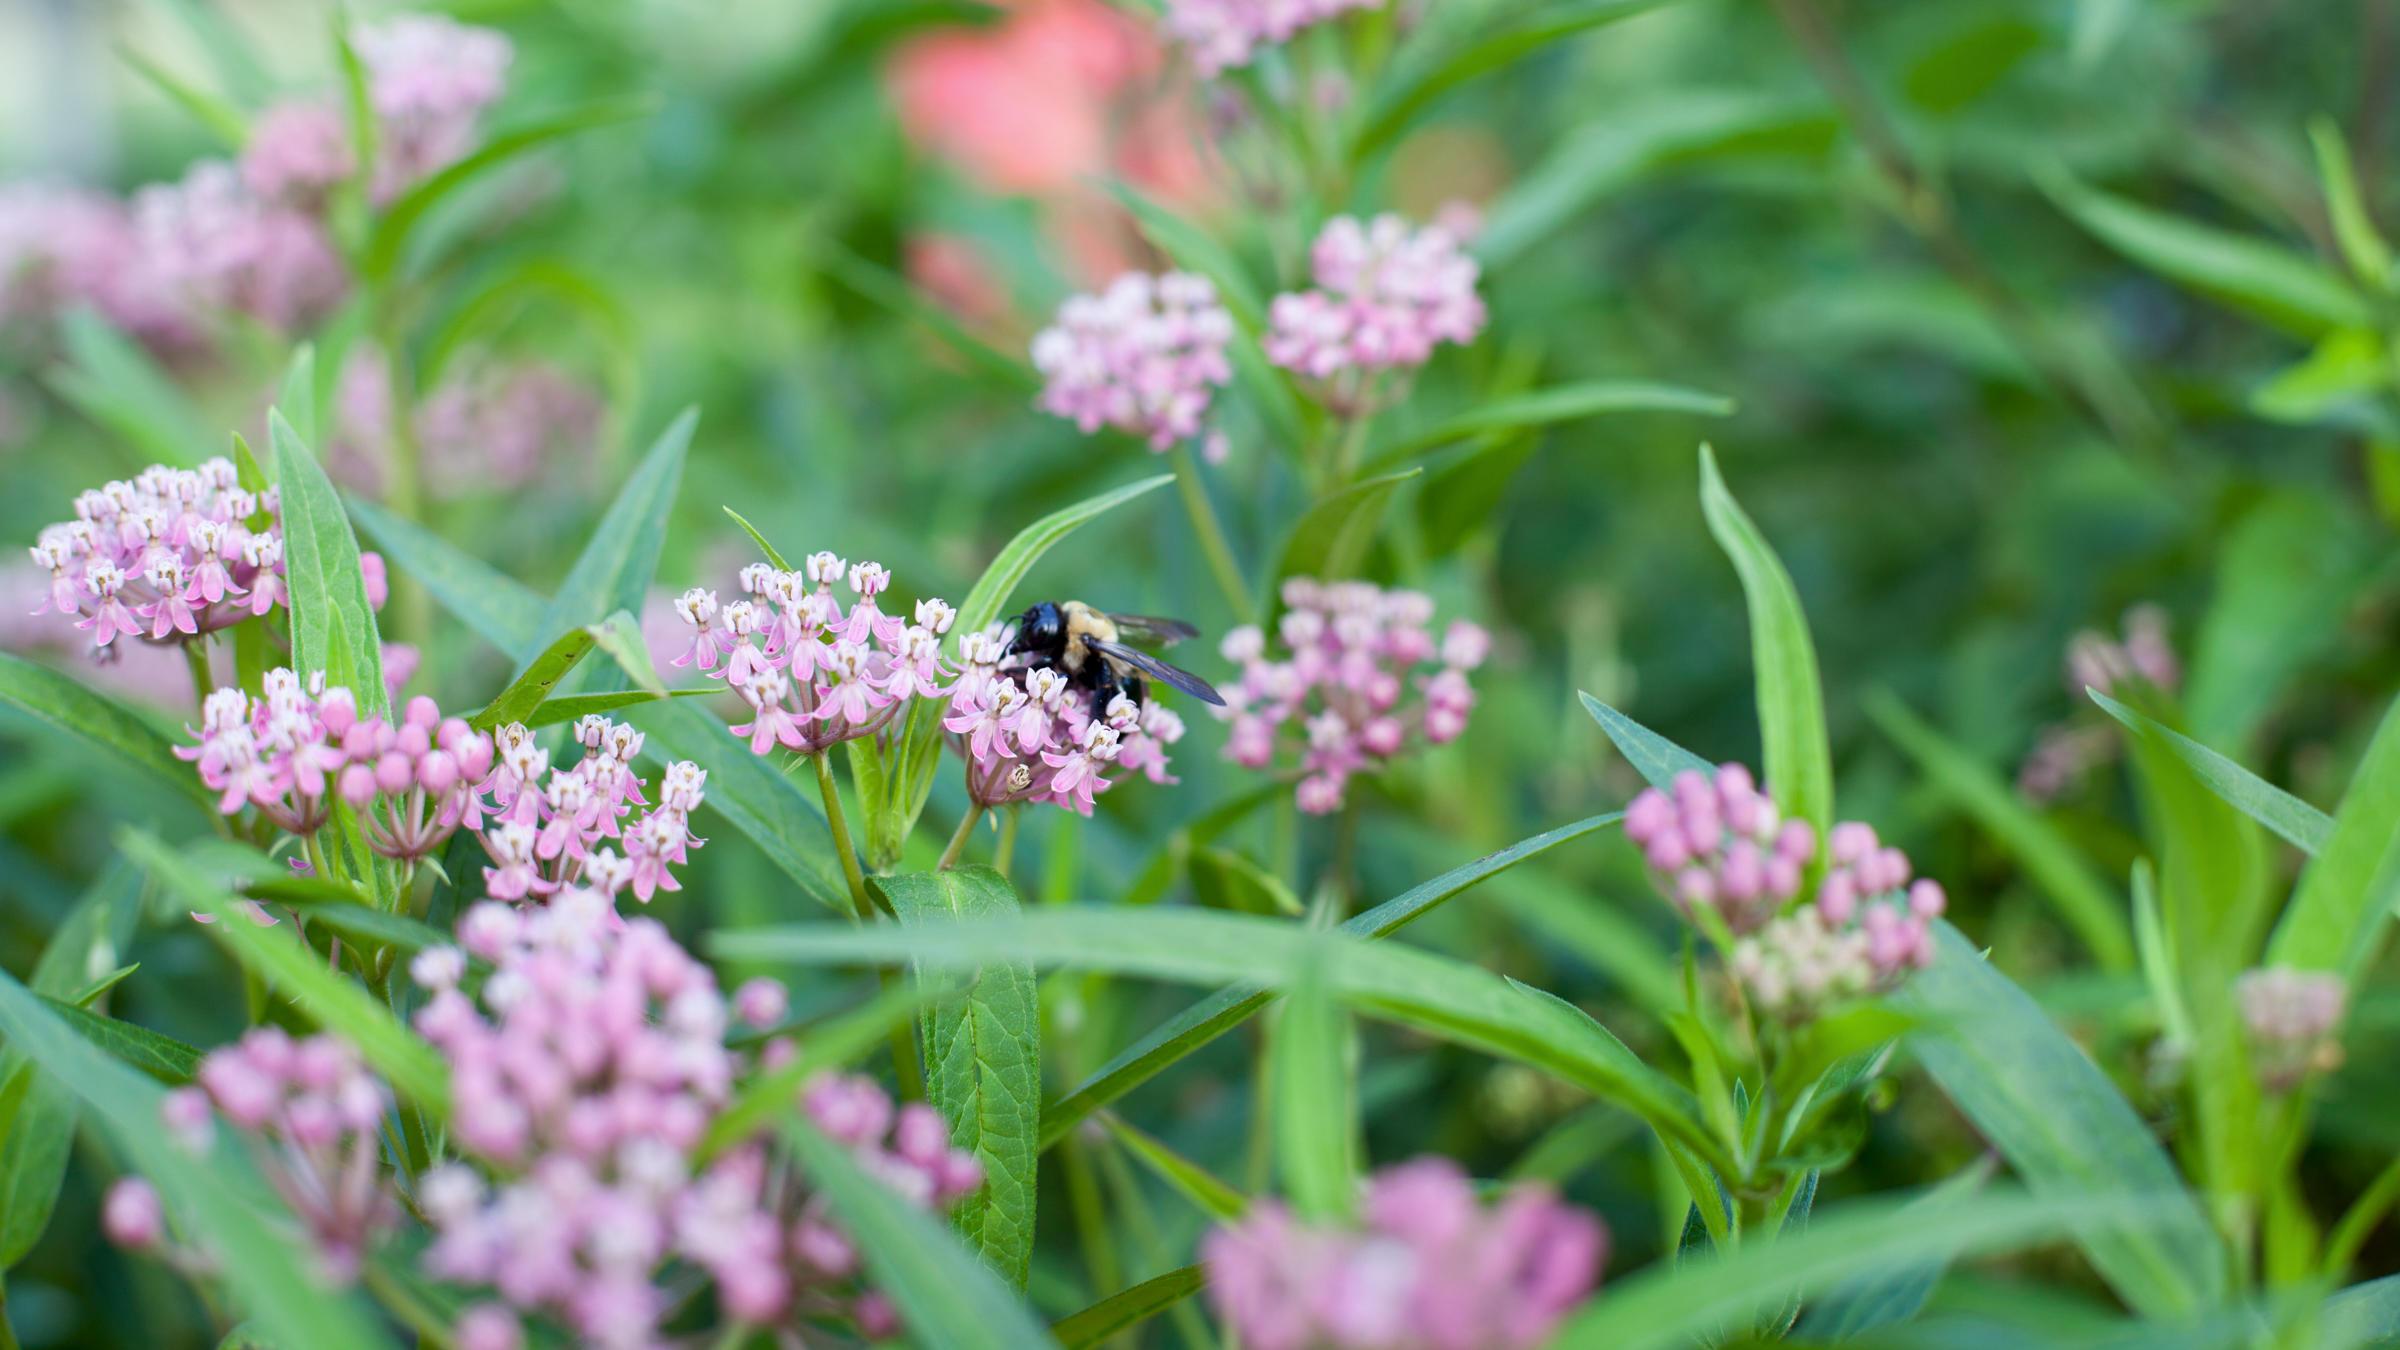 Bumblebee on swamp milkweed.